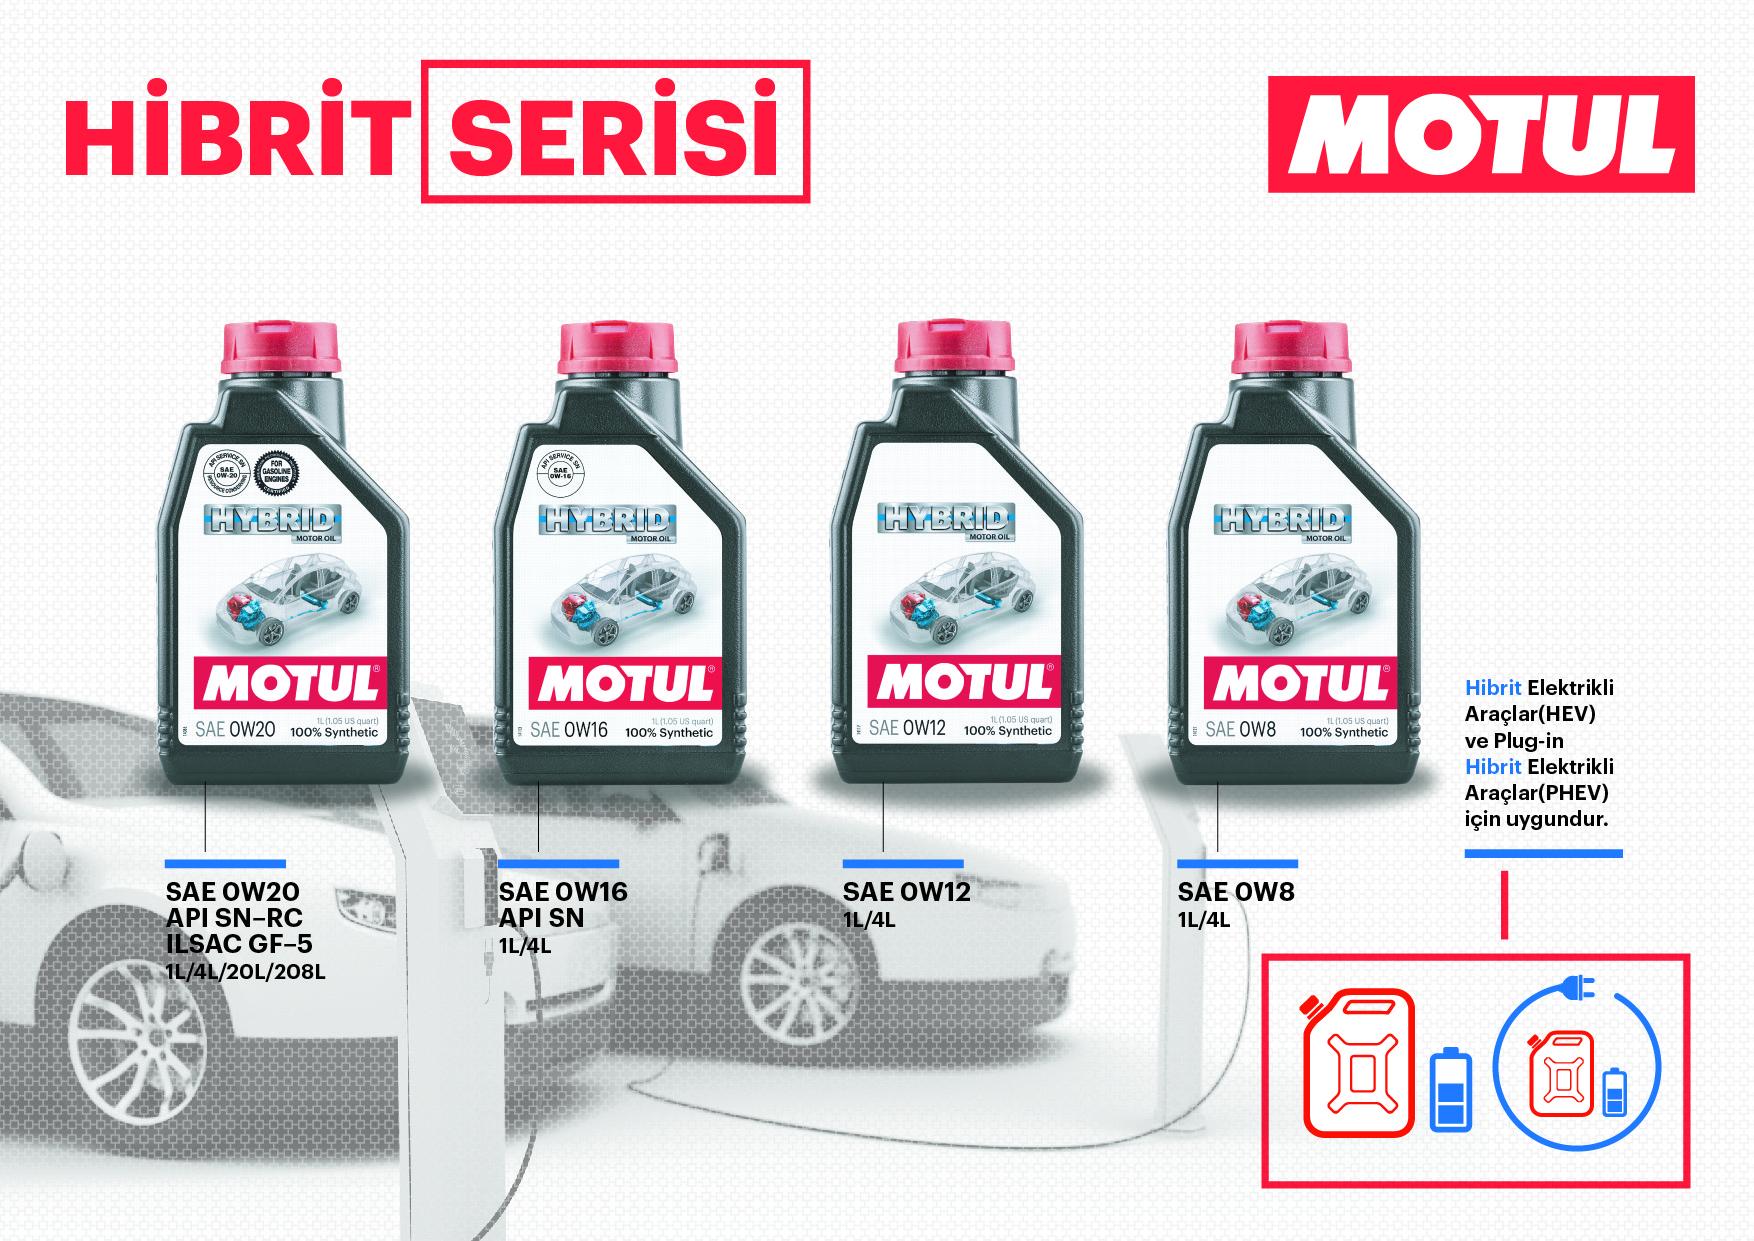 Motul-Hybrid Serisi-1